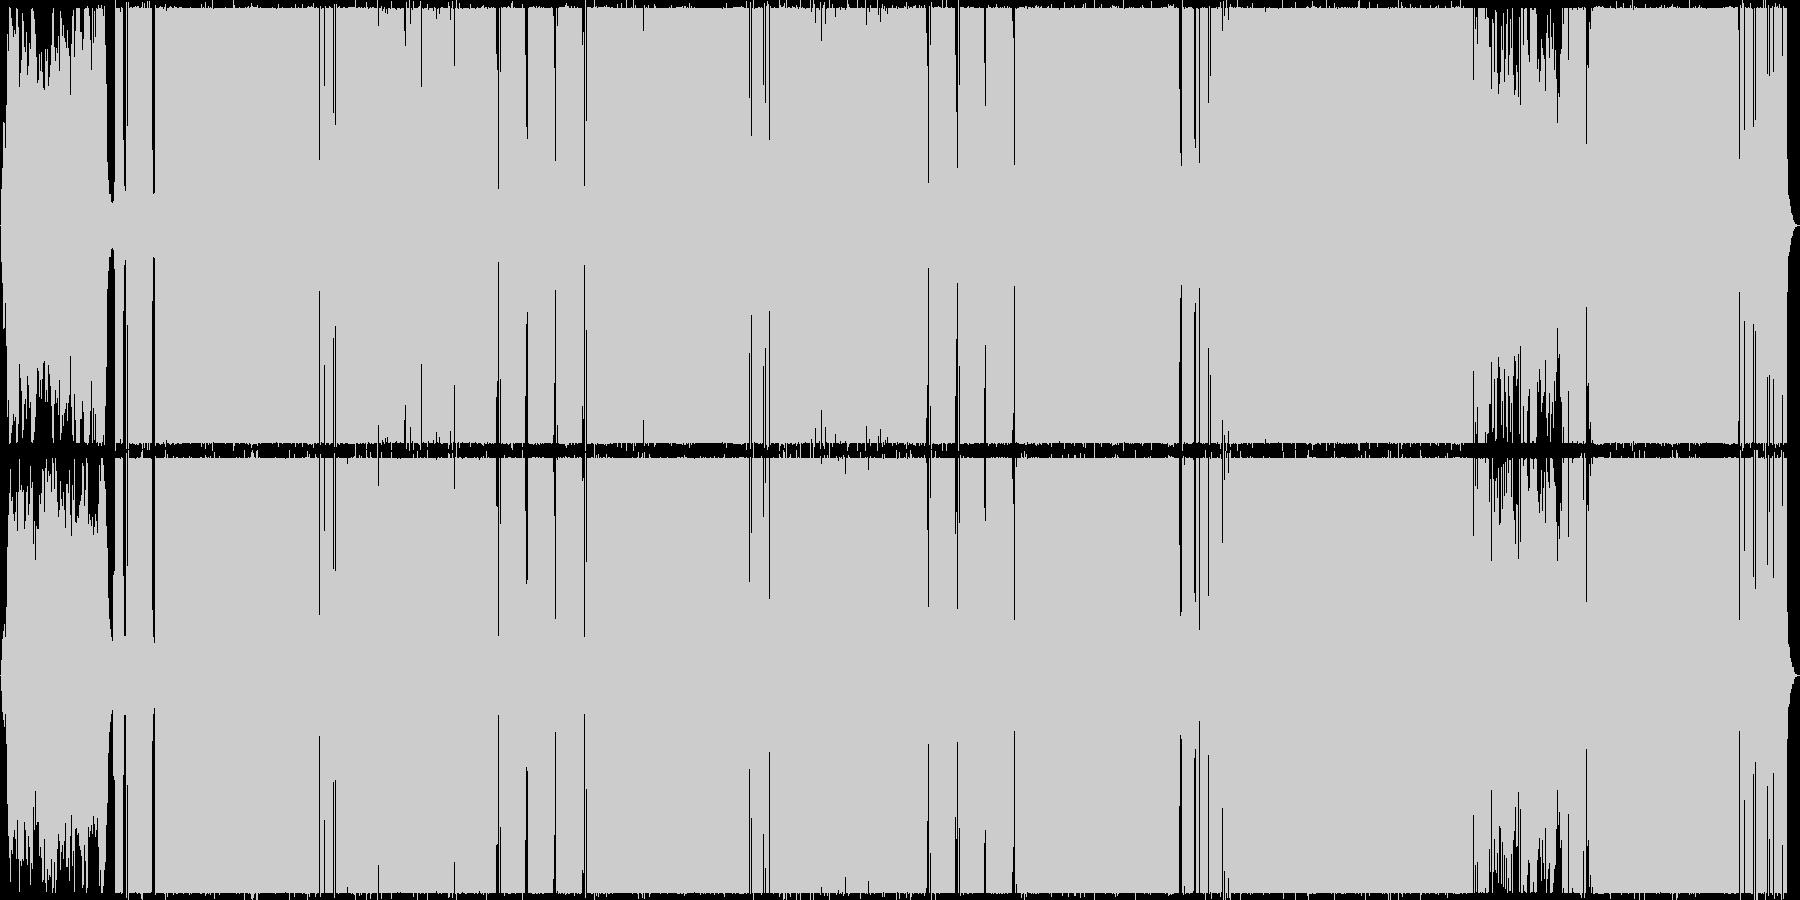 ゴージャスでファンタジックなポップスの未再生の波形